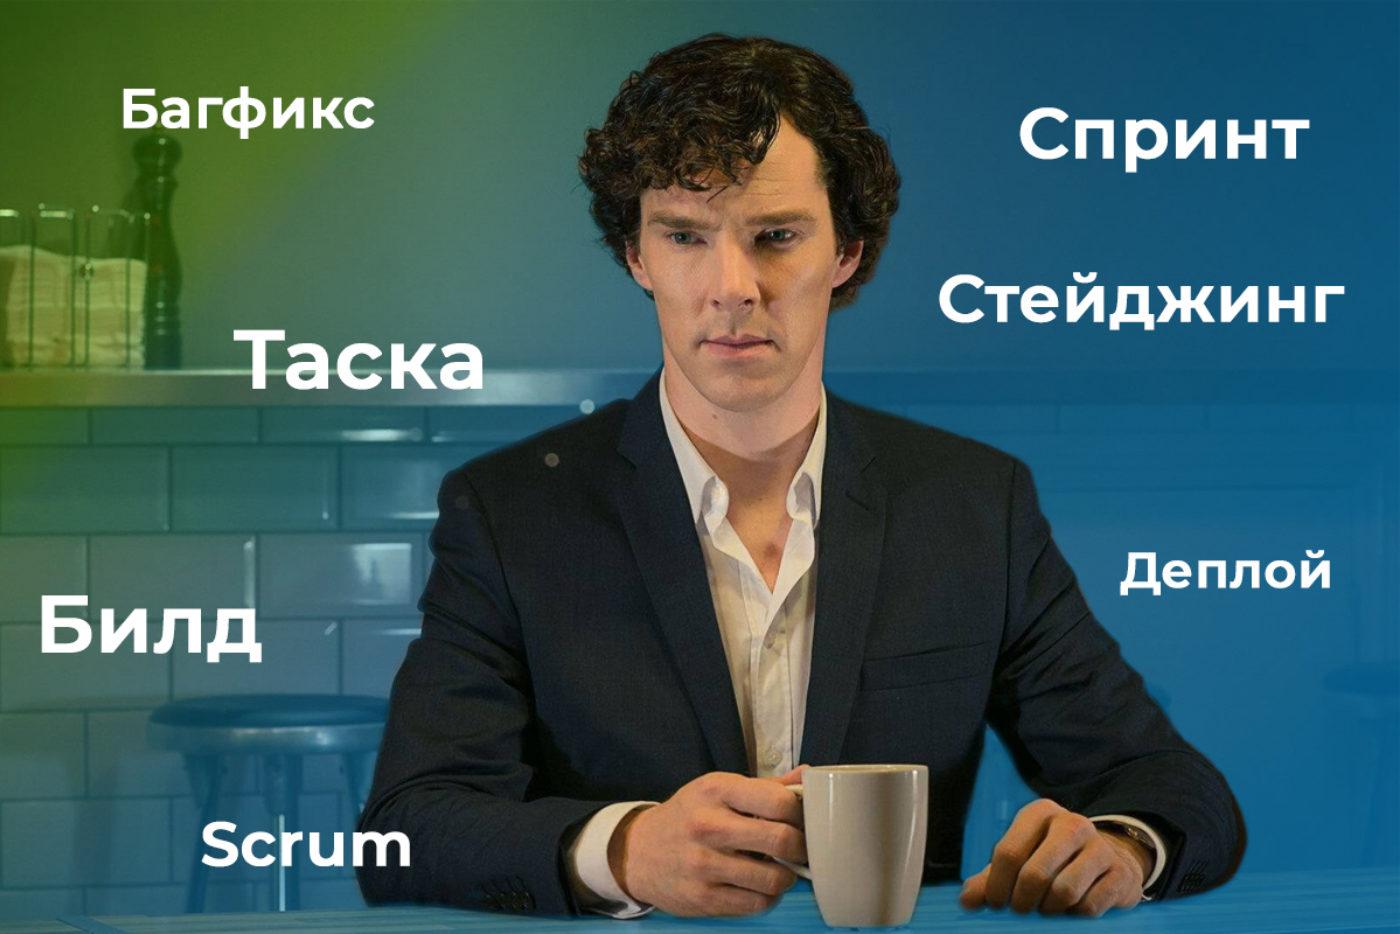 Статті: IT-терміни: як розмовляти з програмістами